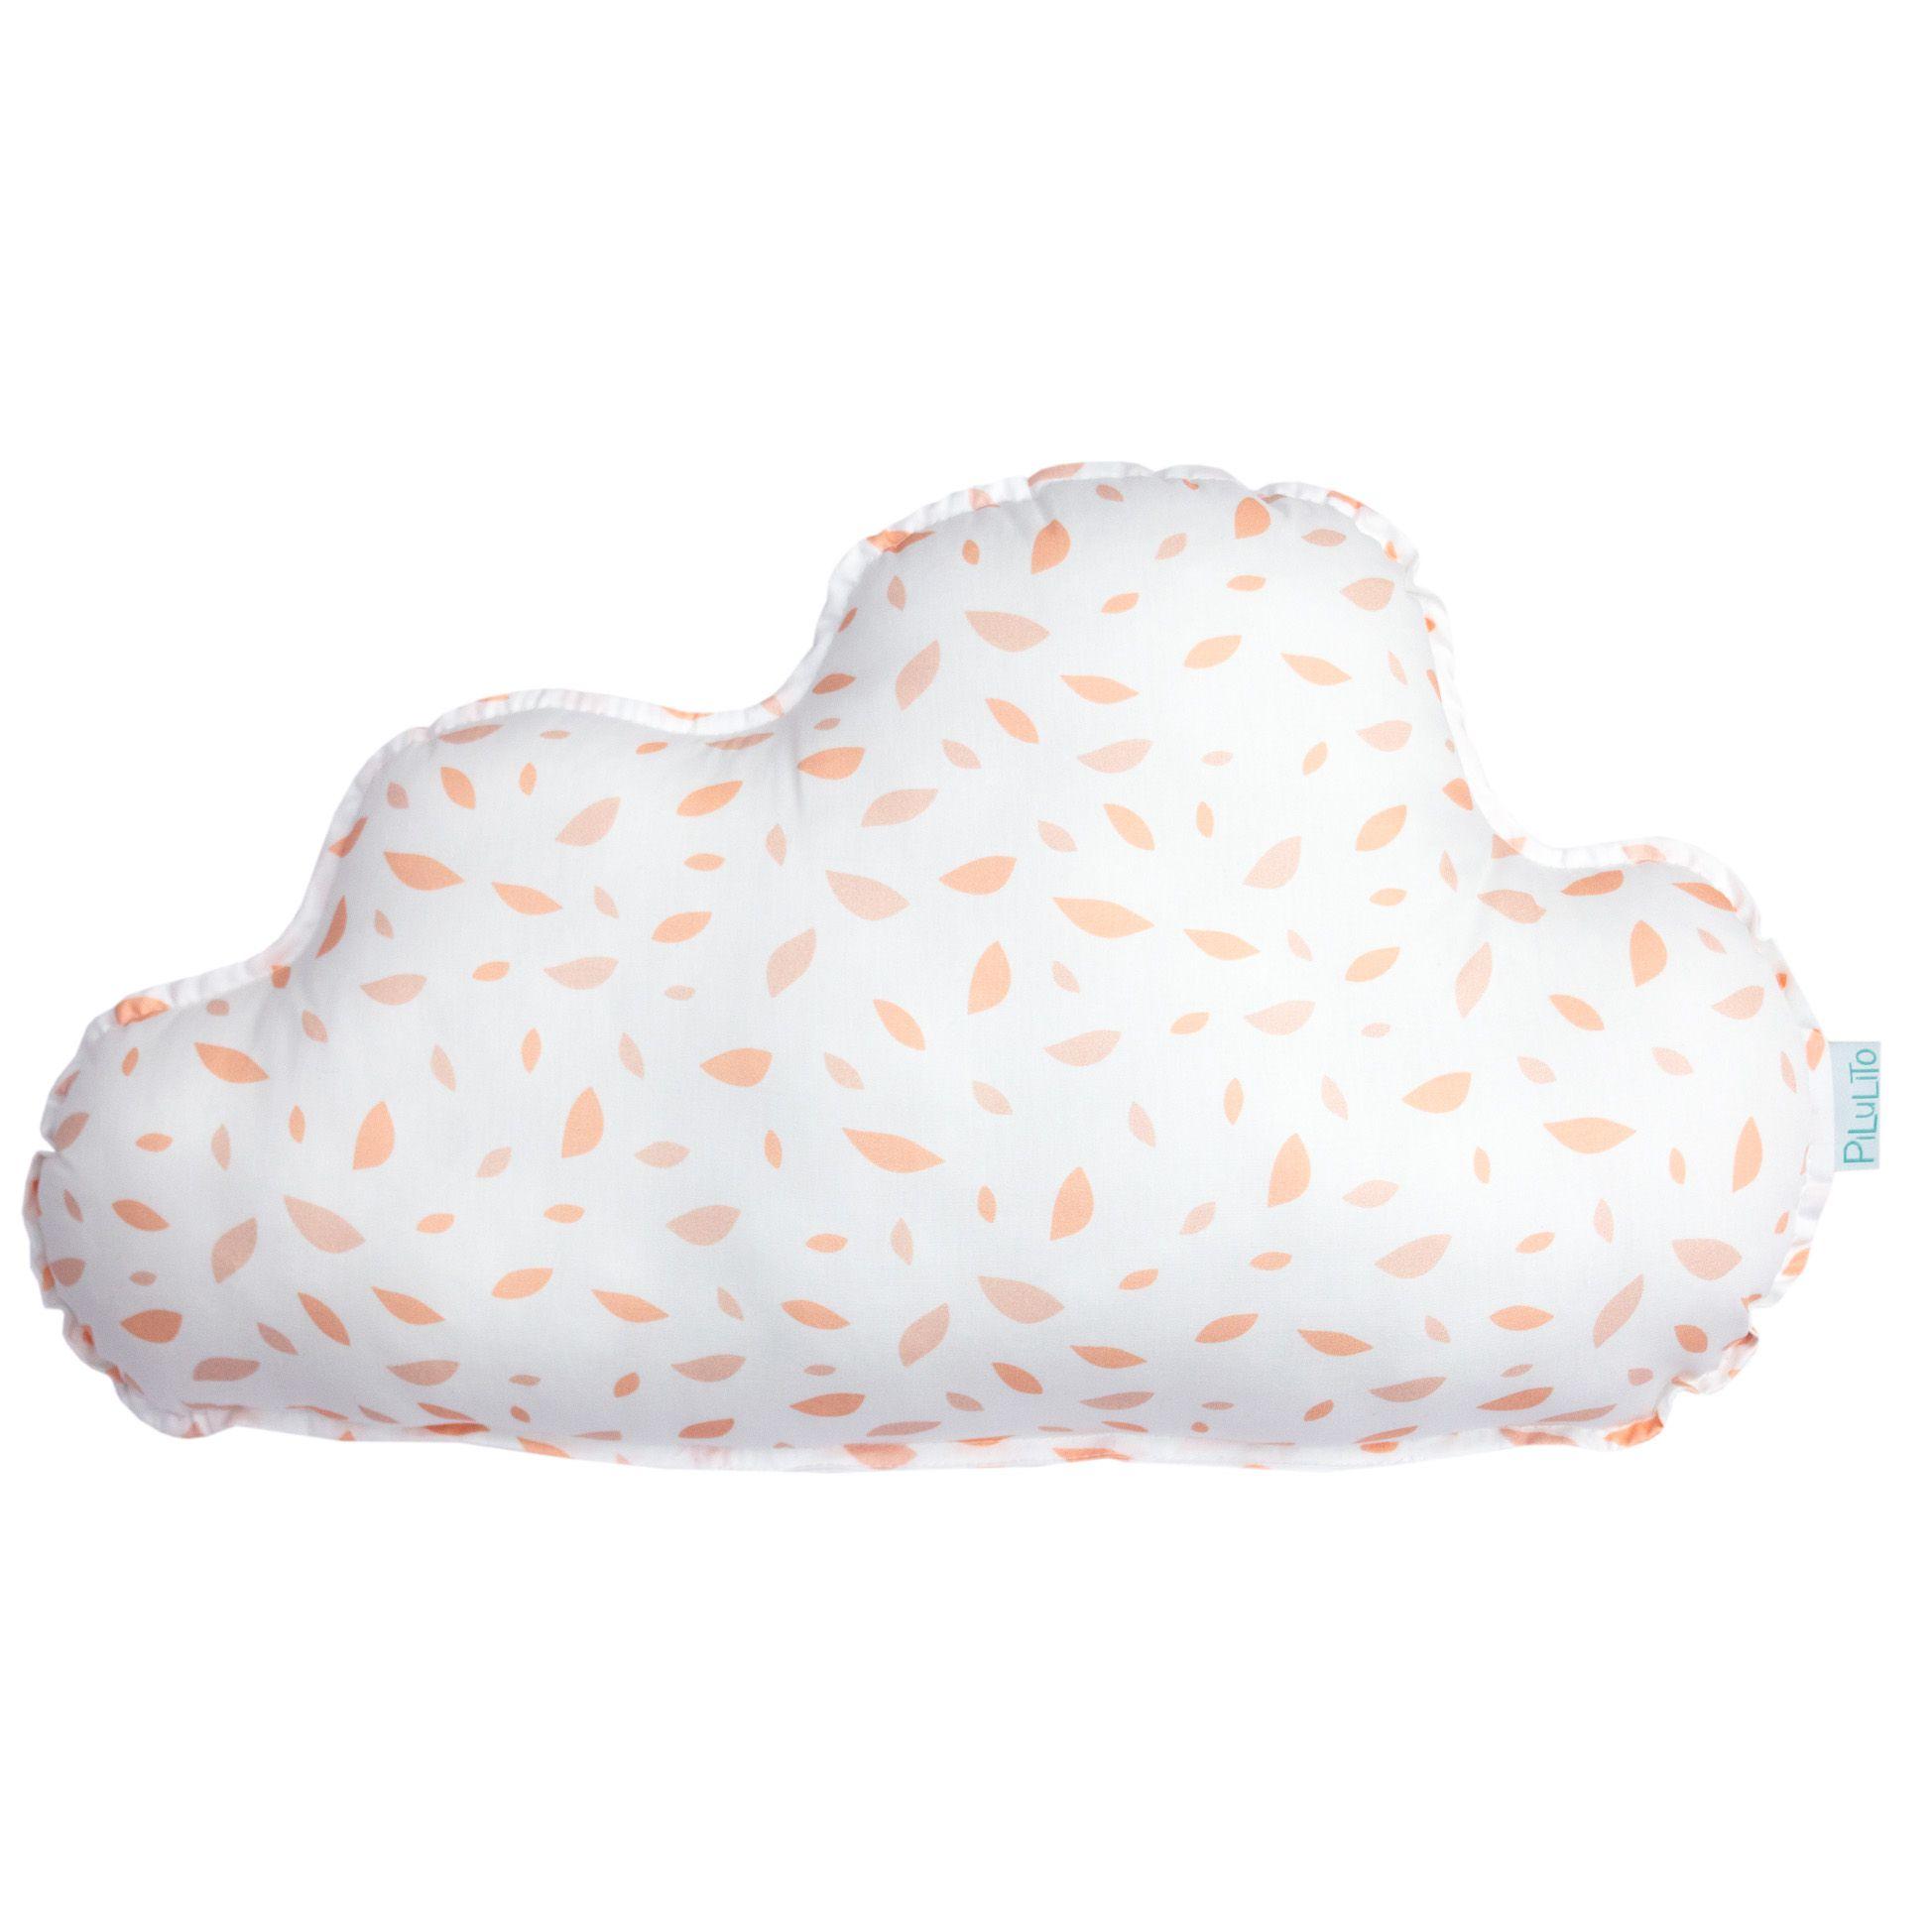 Almofada nuvem grande chão de folhas salmão